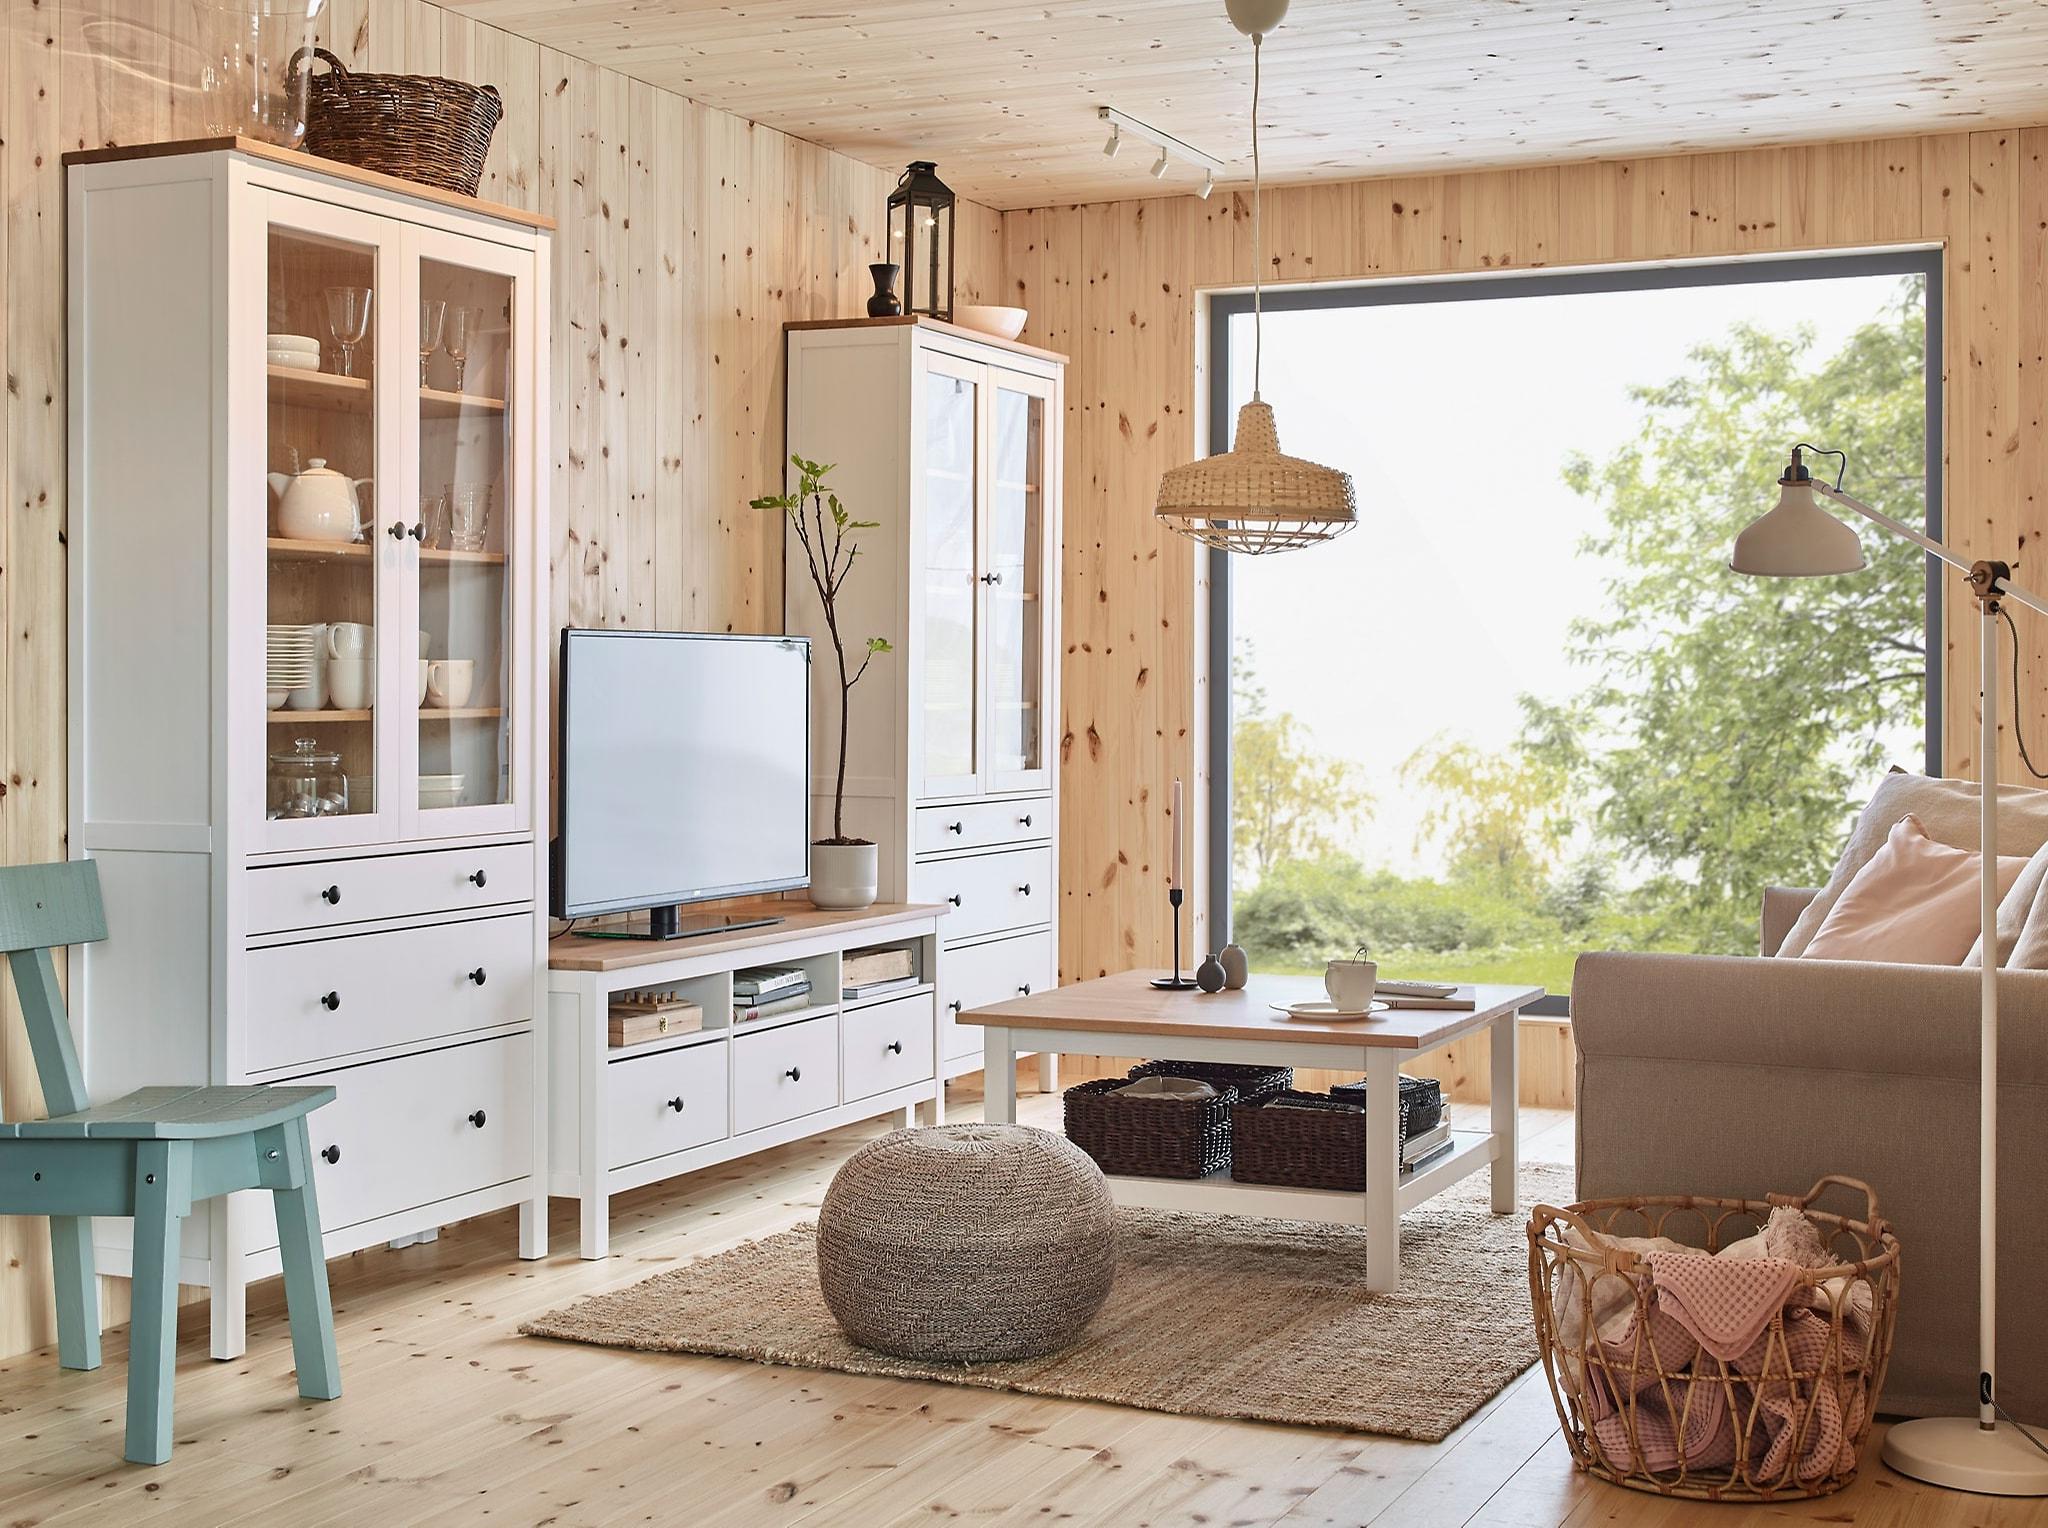 Muebles De Salon Ikea Ofertas Zwd9 Tranquilidad En forma De Madera De Pino